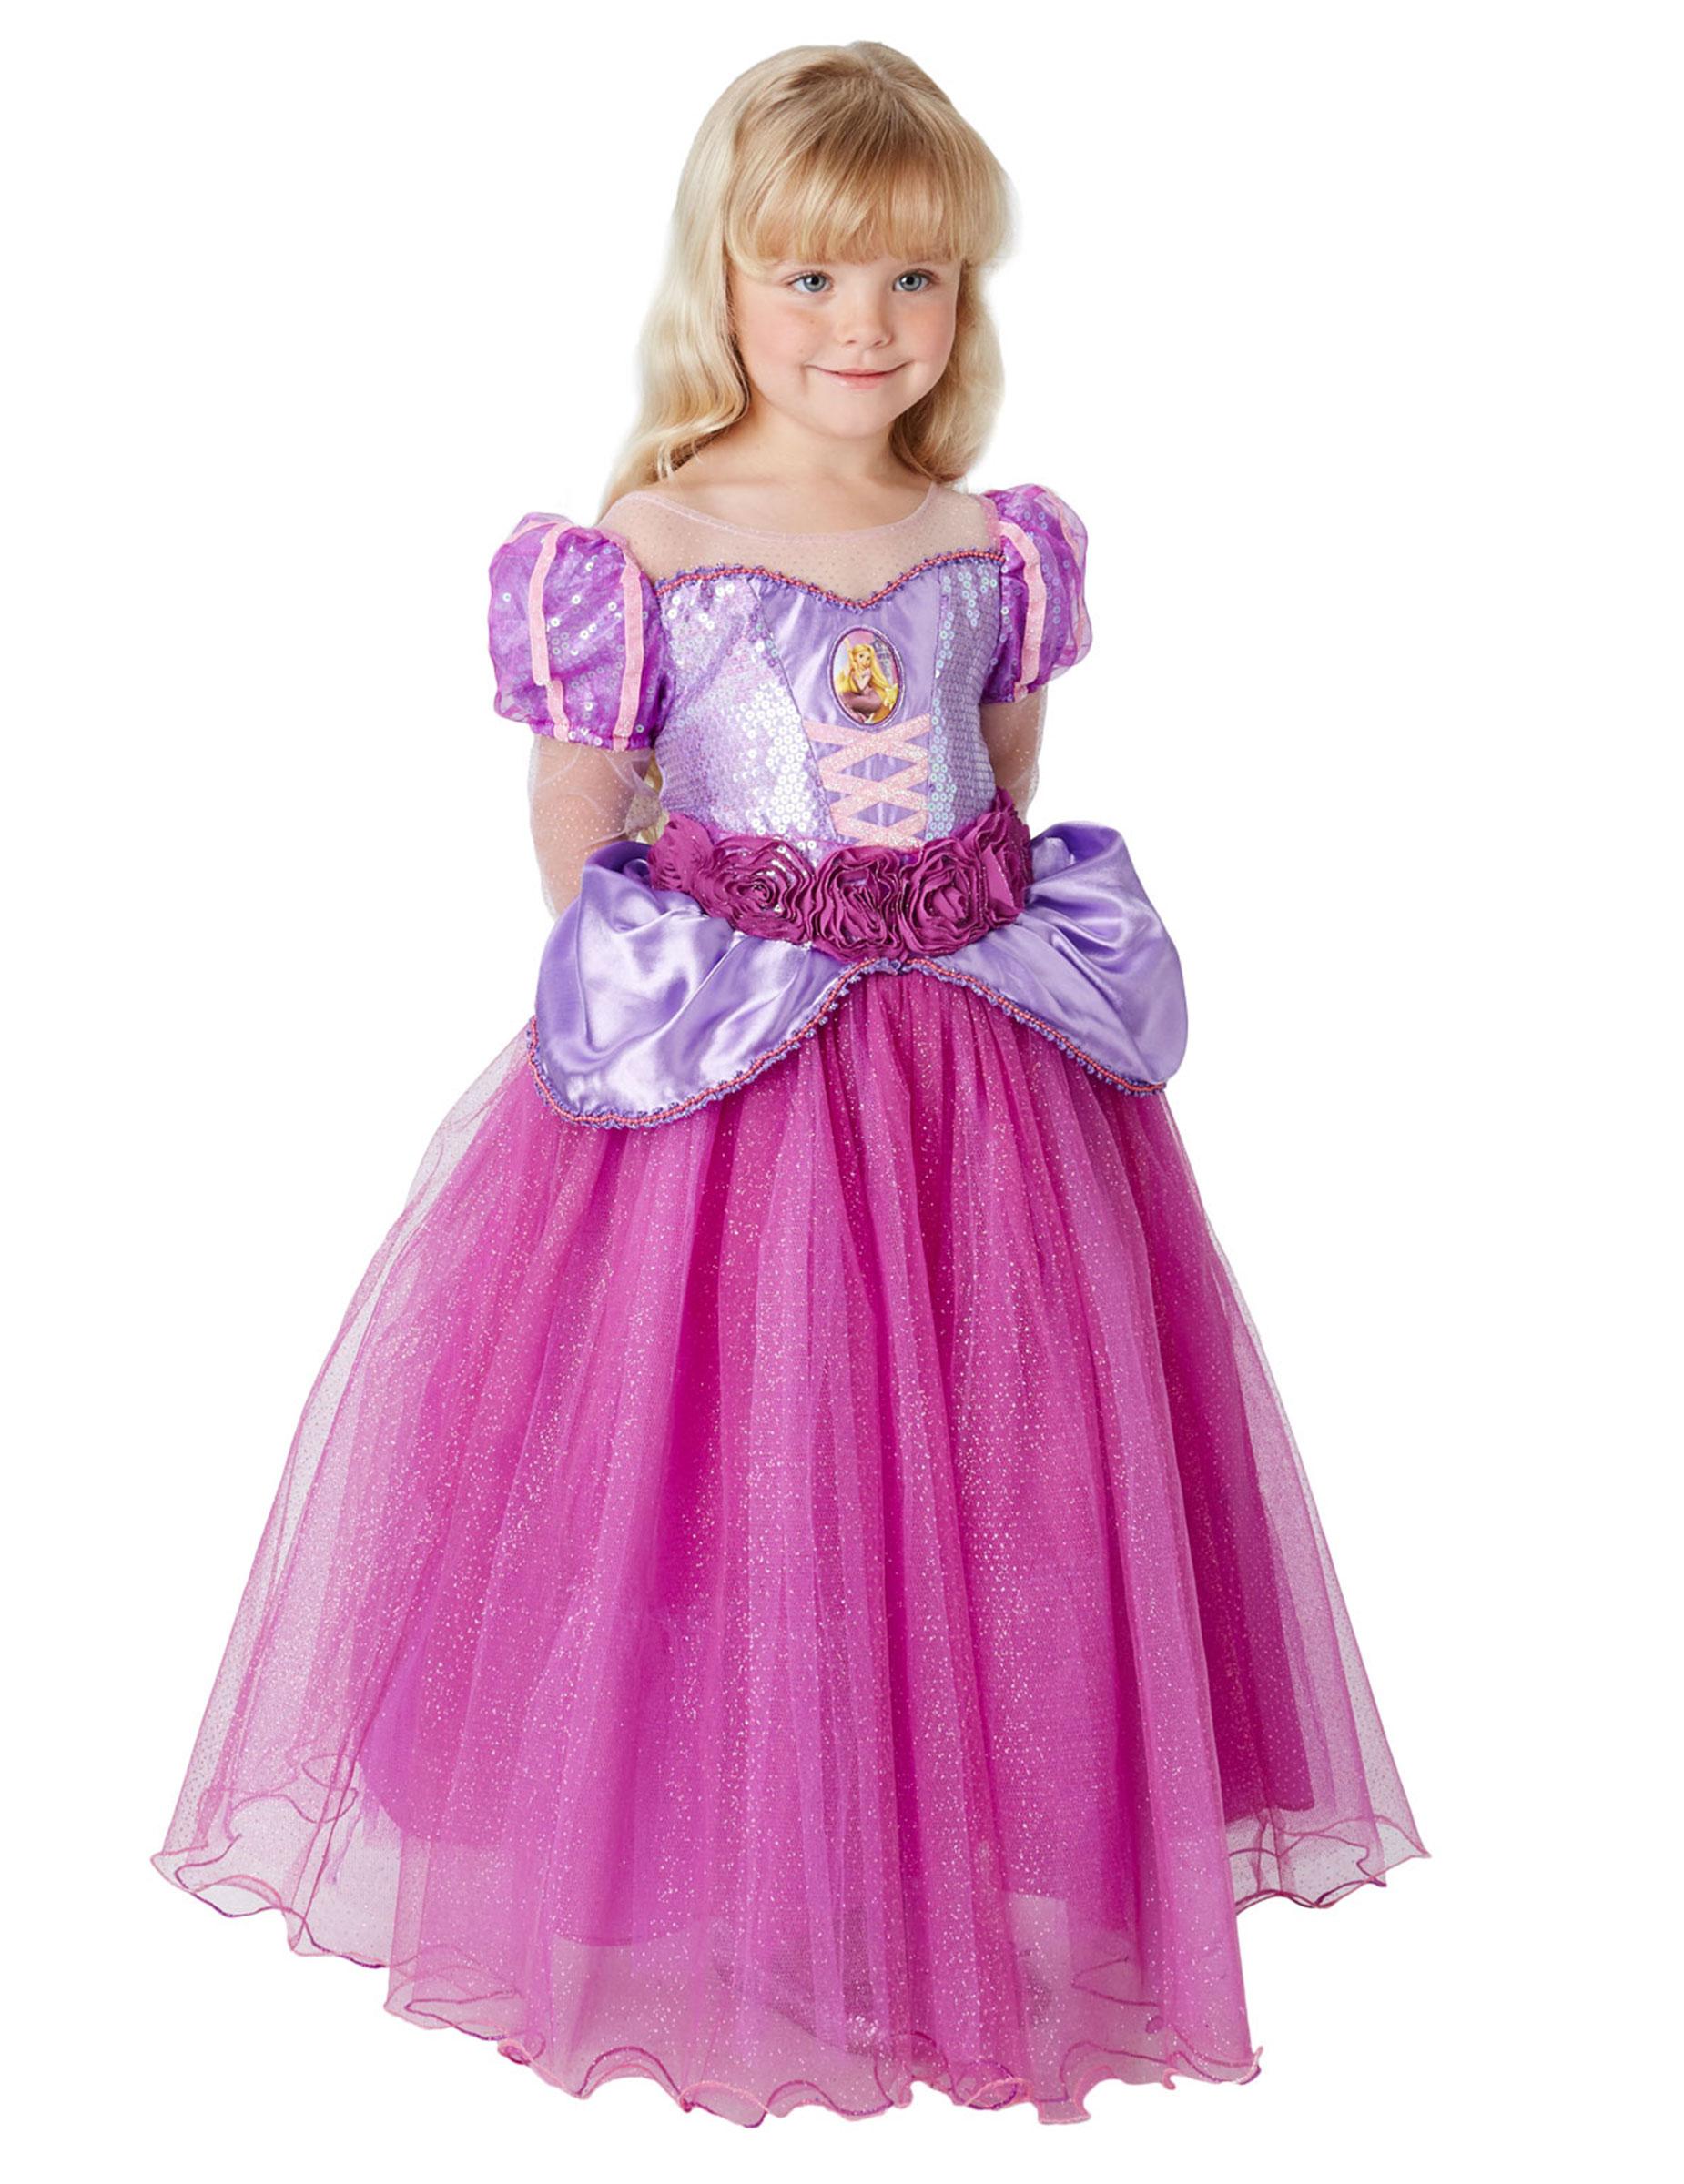 Fato Princesa Rapunzel Premium Disney | Loja da Criança